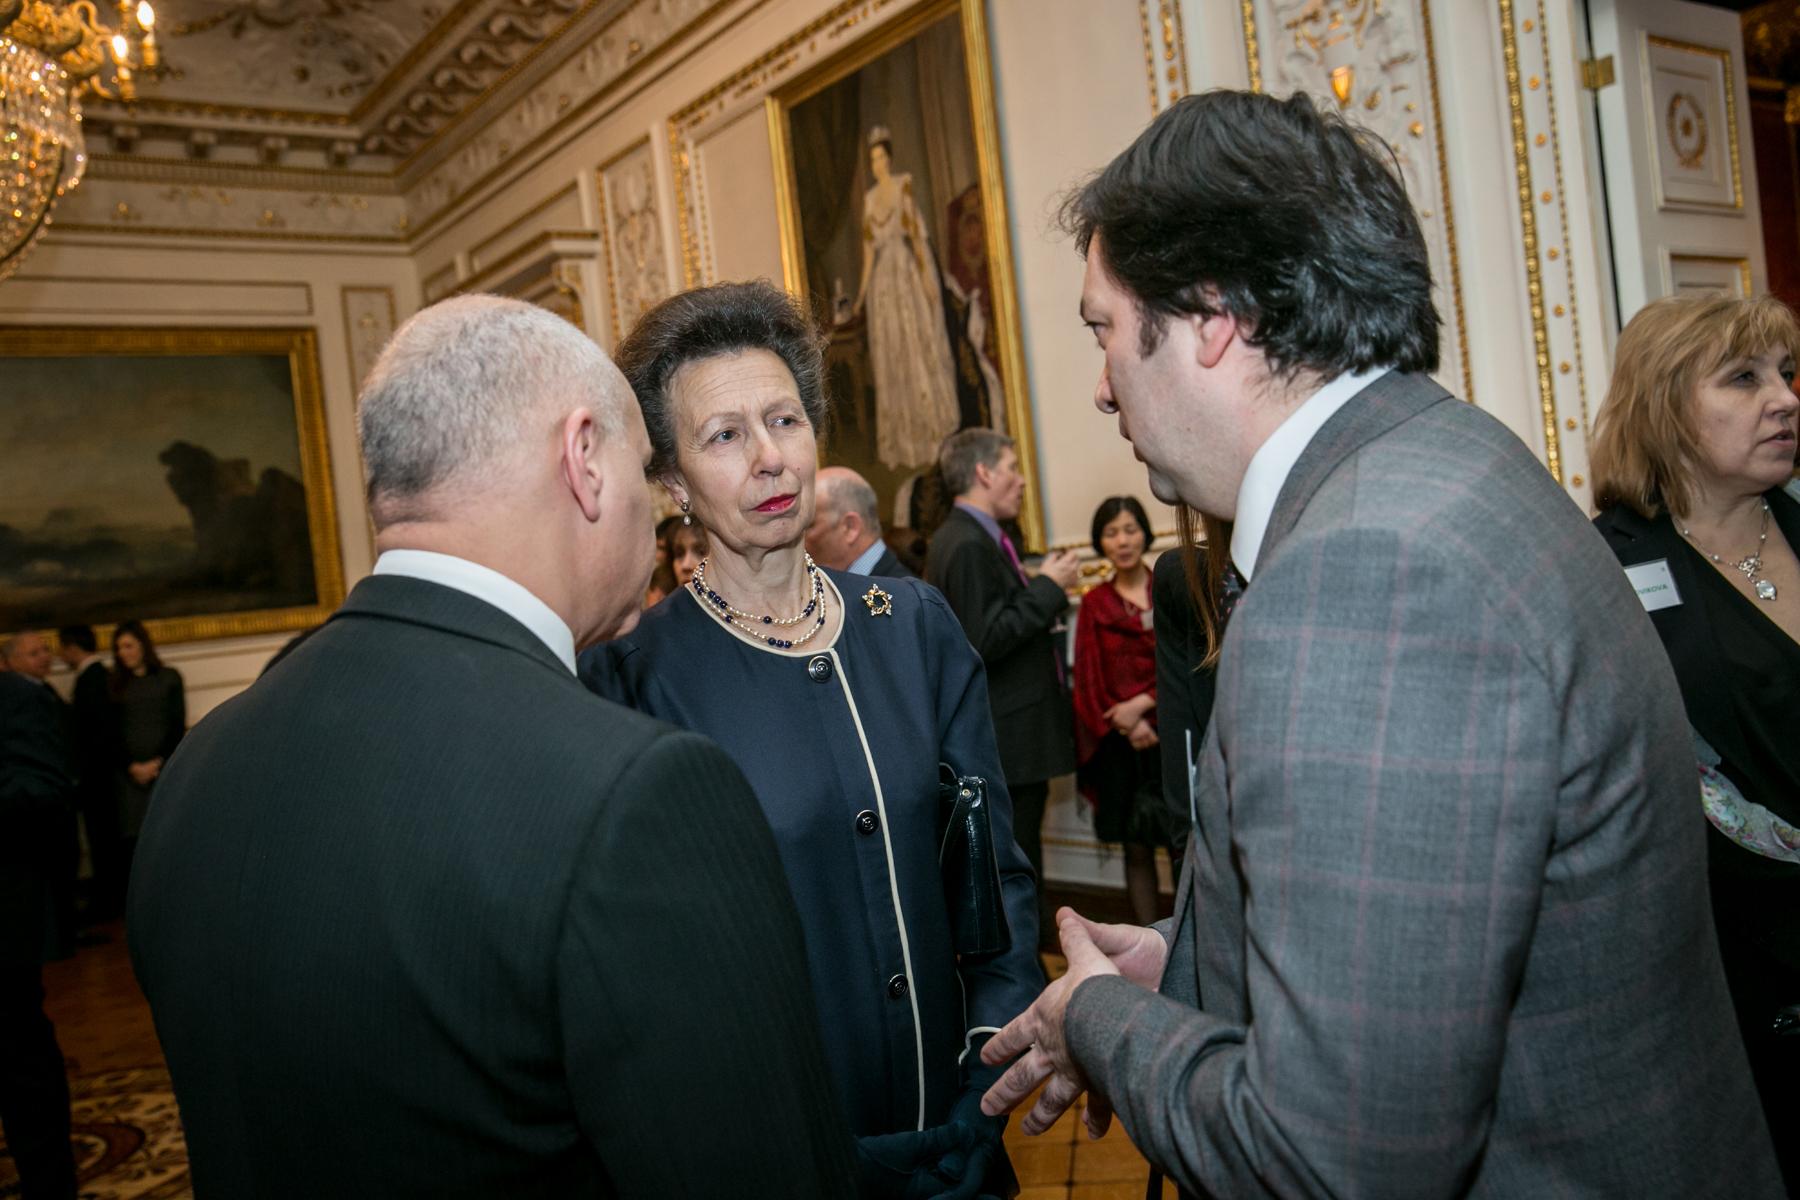 Высшие курсы иностранных языков МосИнЯз приглашены на прием к принцессе Великобритании Анне